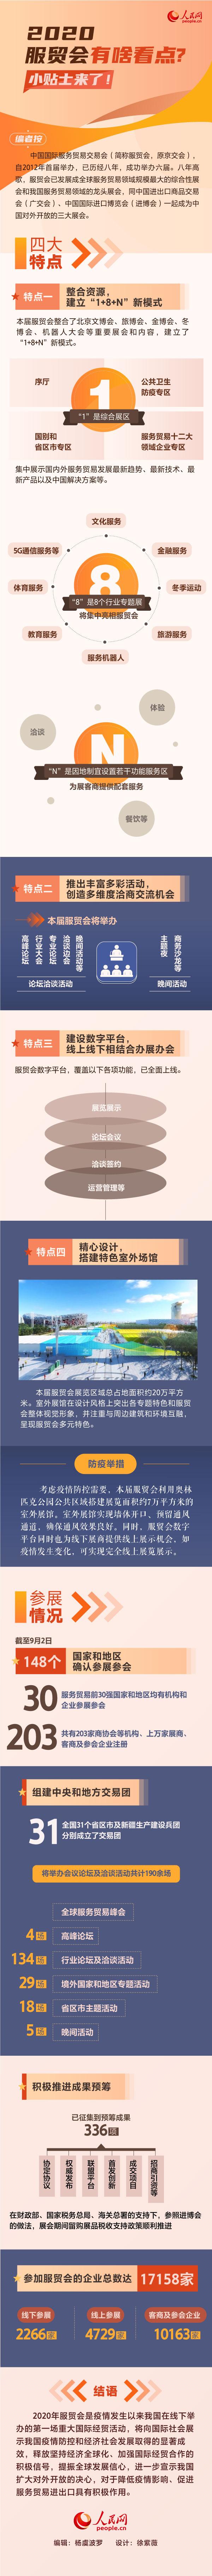 2020中国国际服务贸易交易会